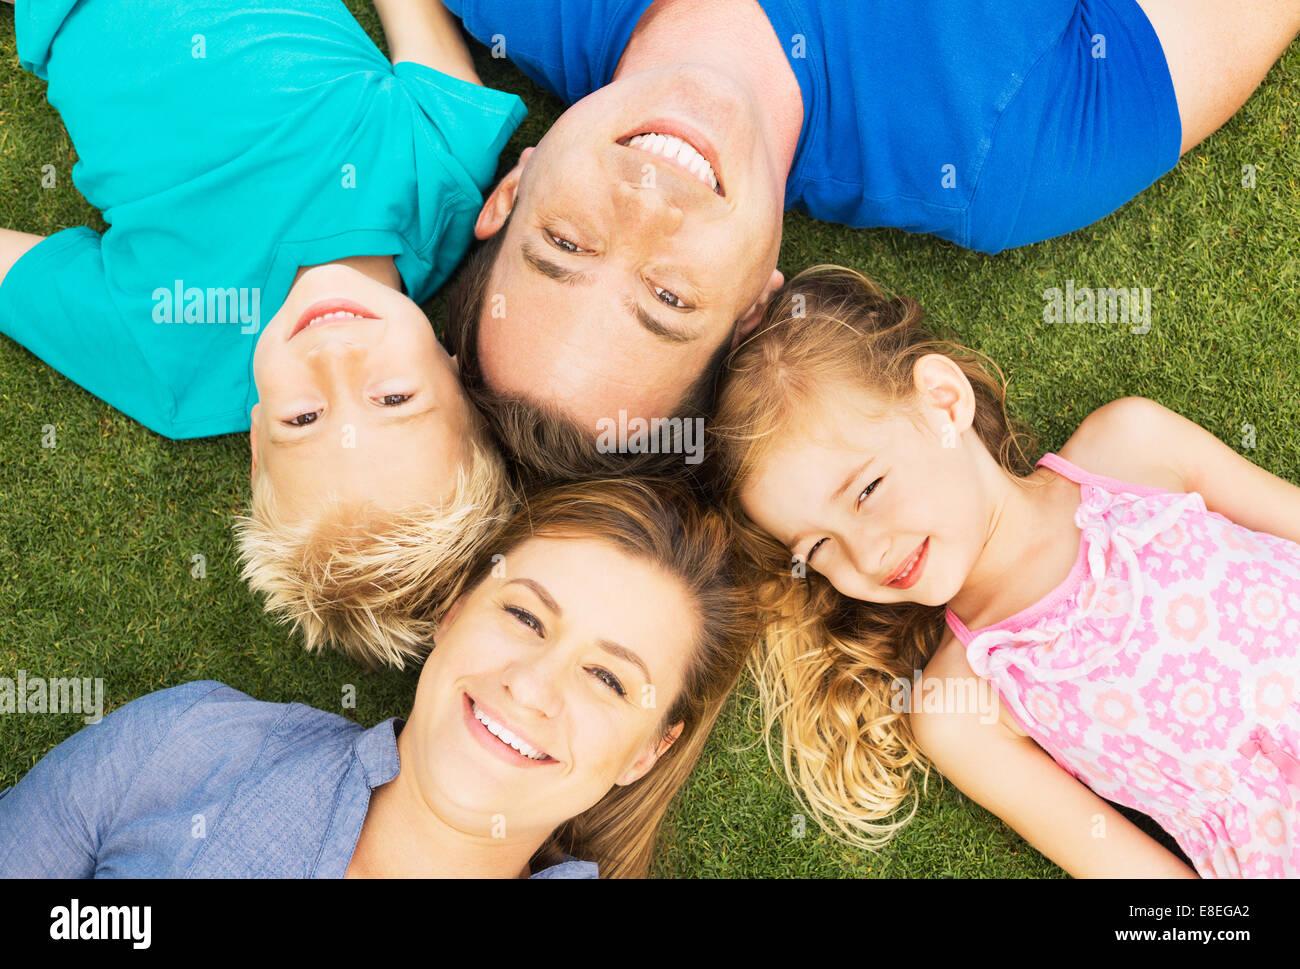 Portrait de famille heureuse de quatre à l'extérieur. Les parents et deux jeunes enfants Photo Stock